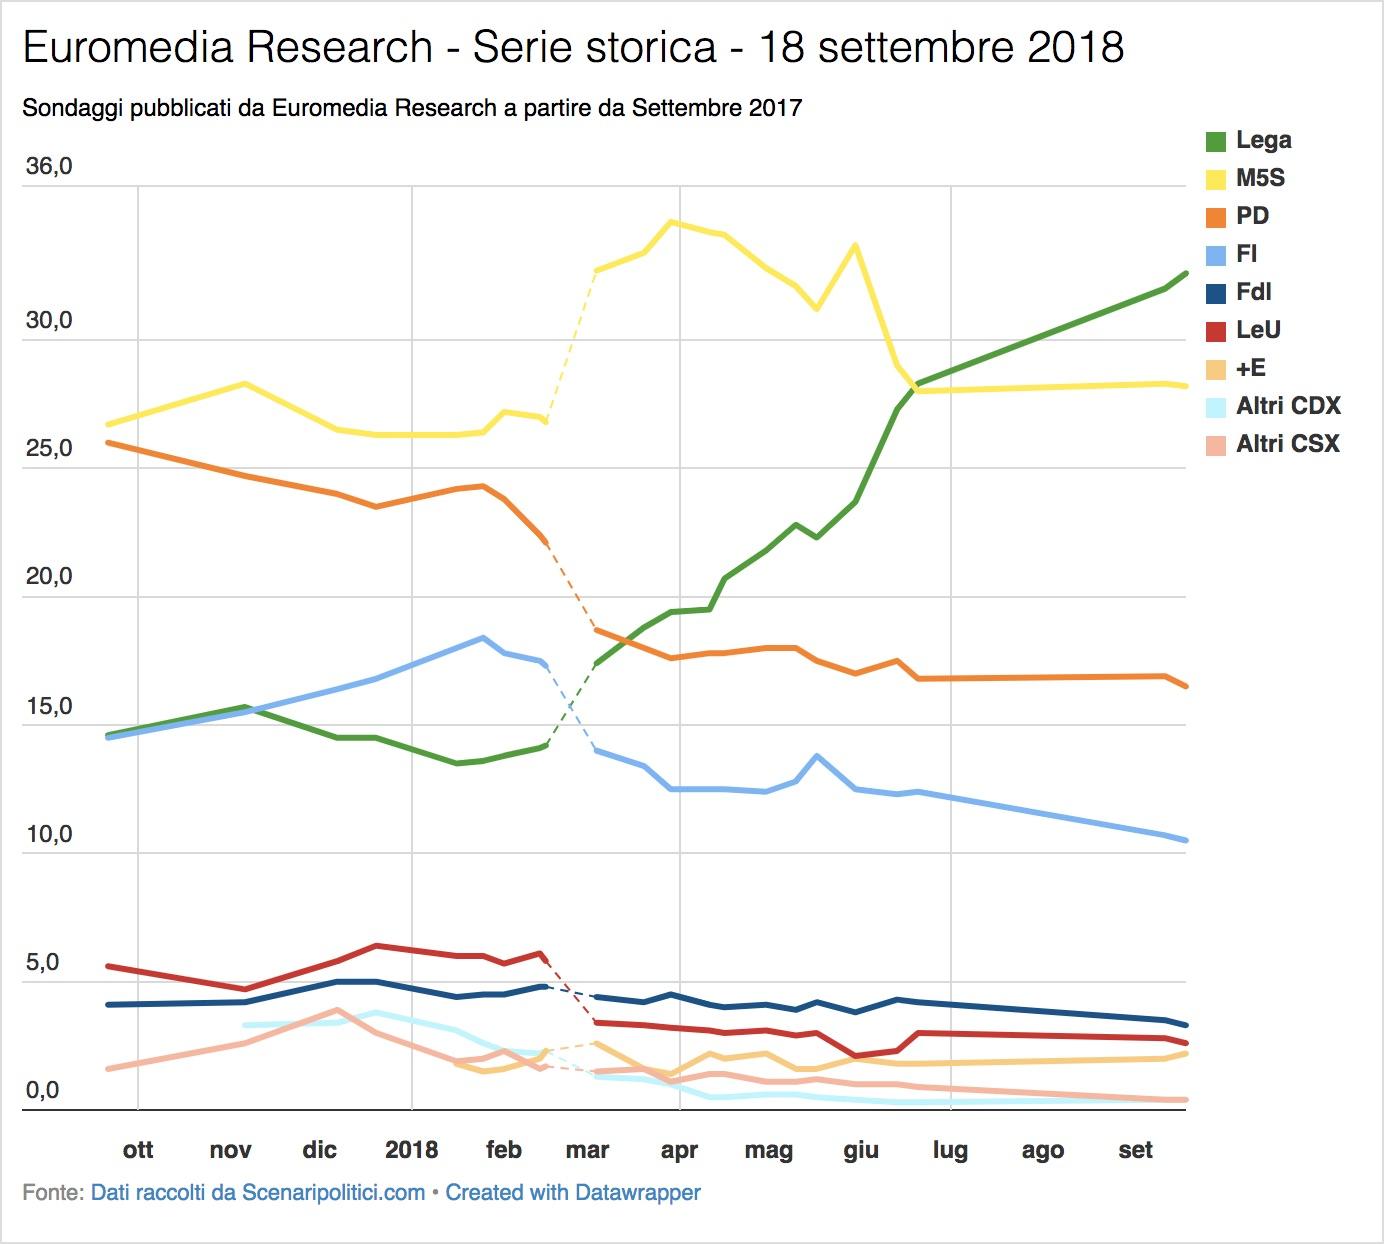 Sondaggio Euromedia Research & Piepoli (18 settembre 2018)